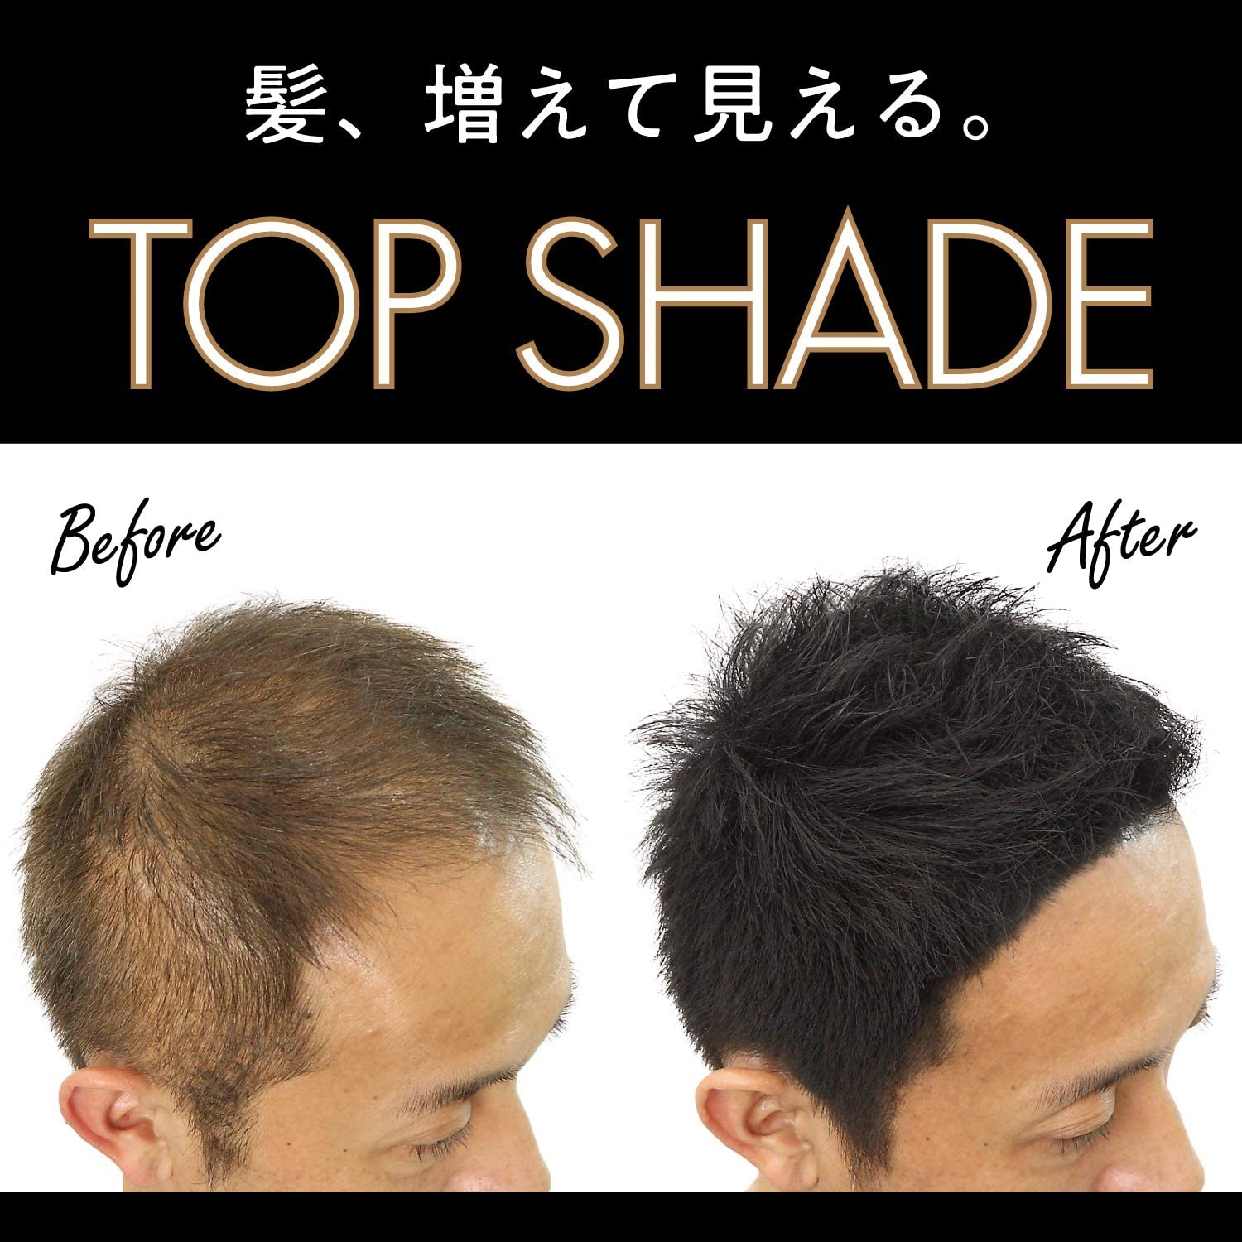 TOP SHADE(トップシェード) トップシェード スピーディー ヘアカバースプレーの商品画像6